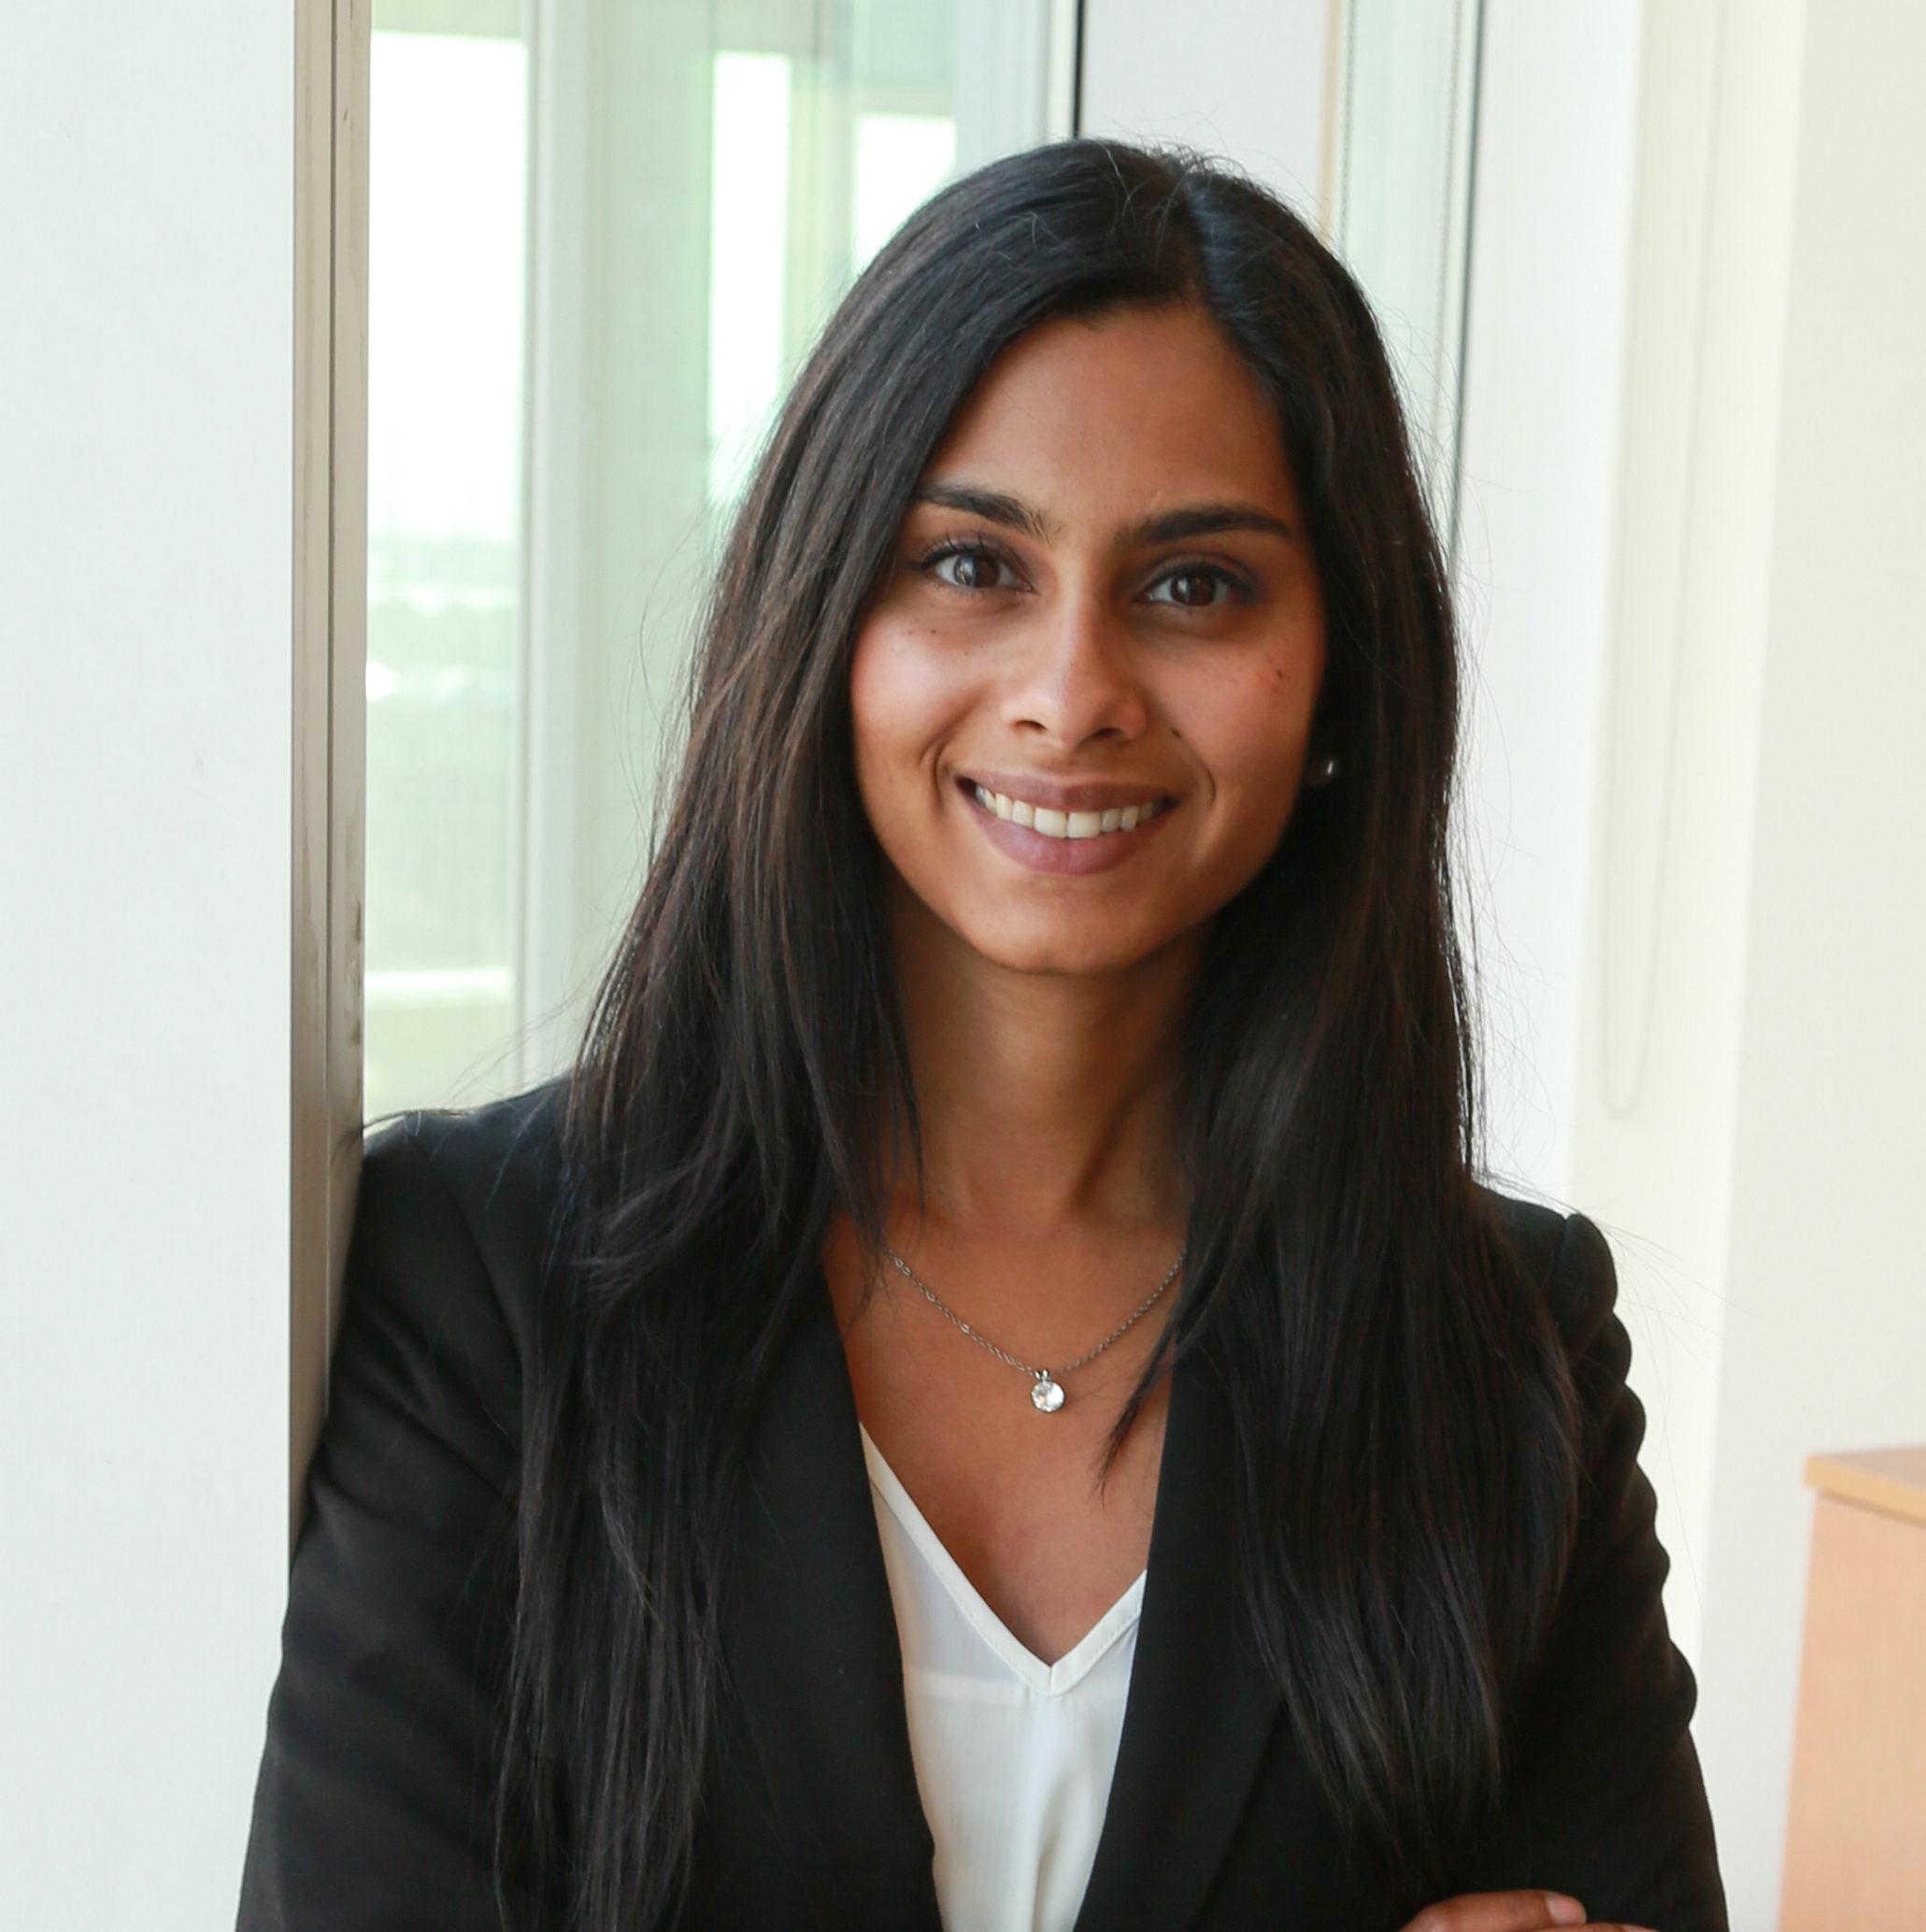 Natalie Mohammed